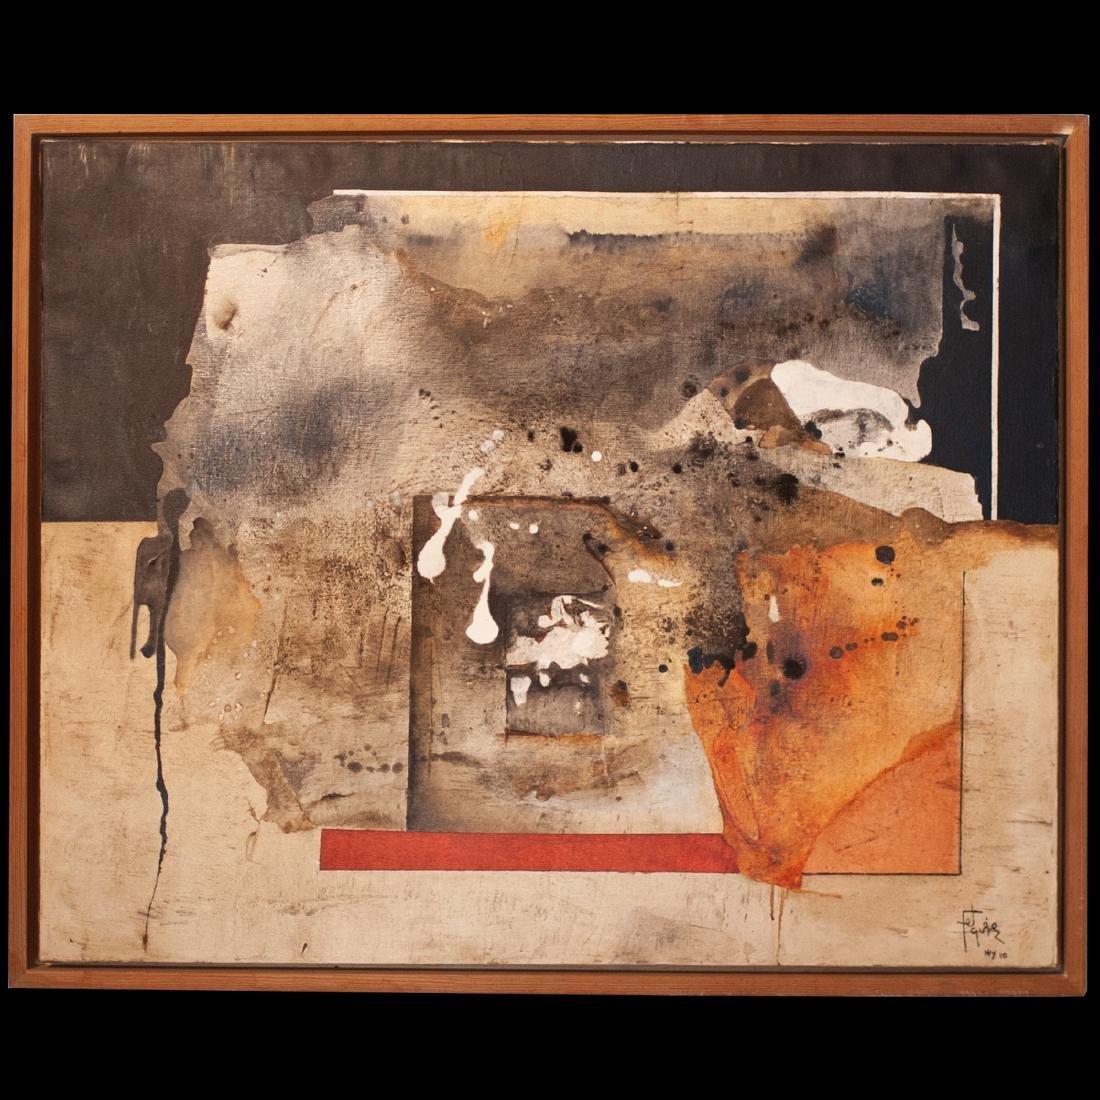 Manuel Felguerez (Mexican. 1928-Present) Oil Painting